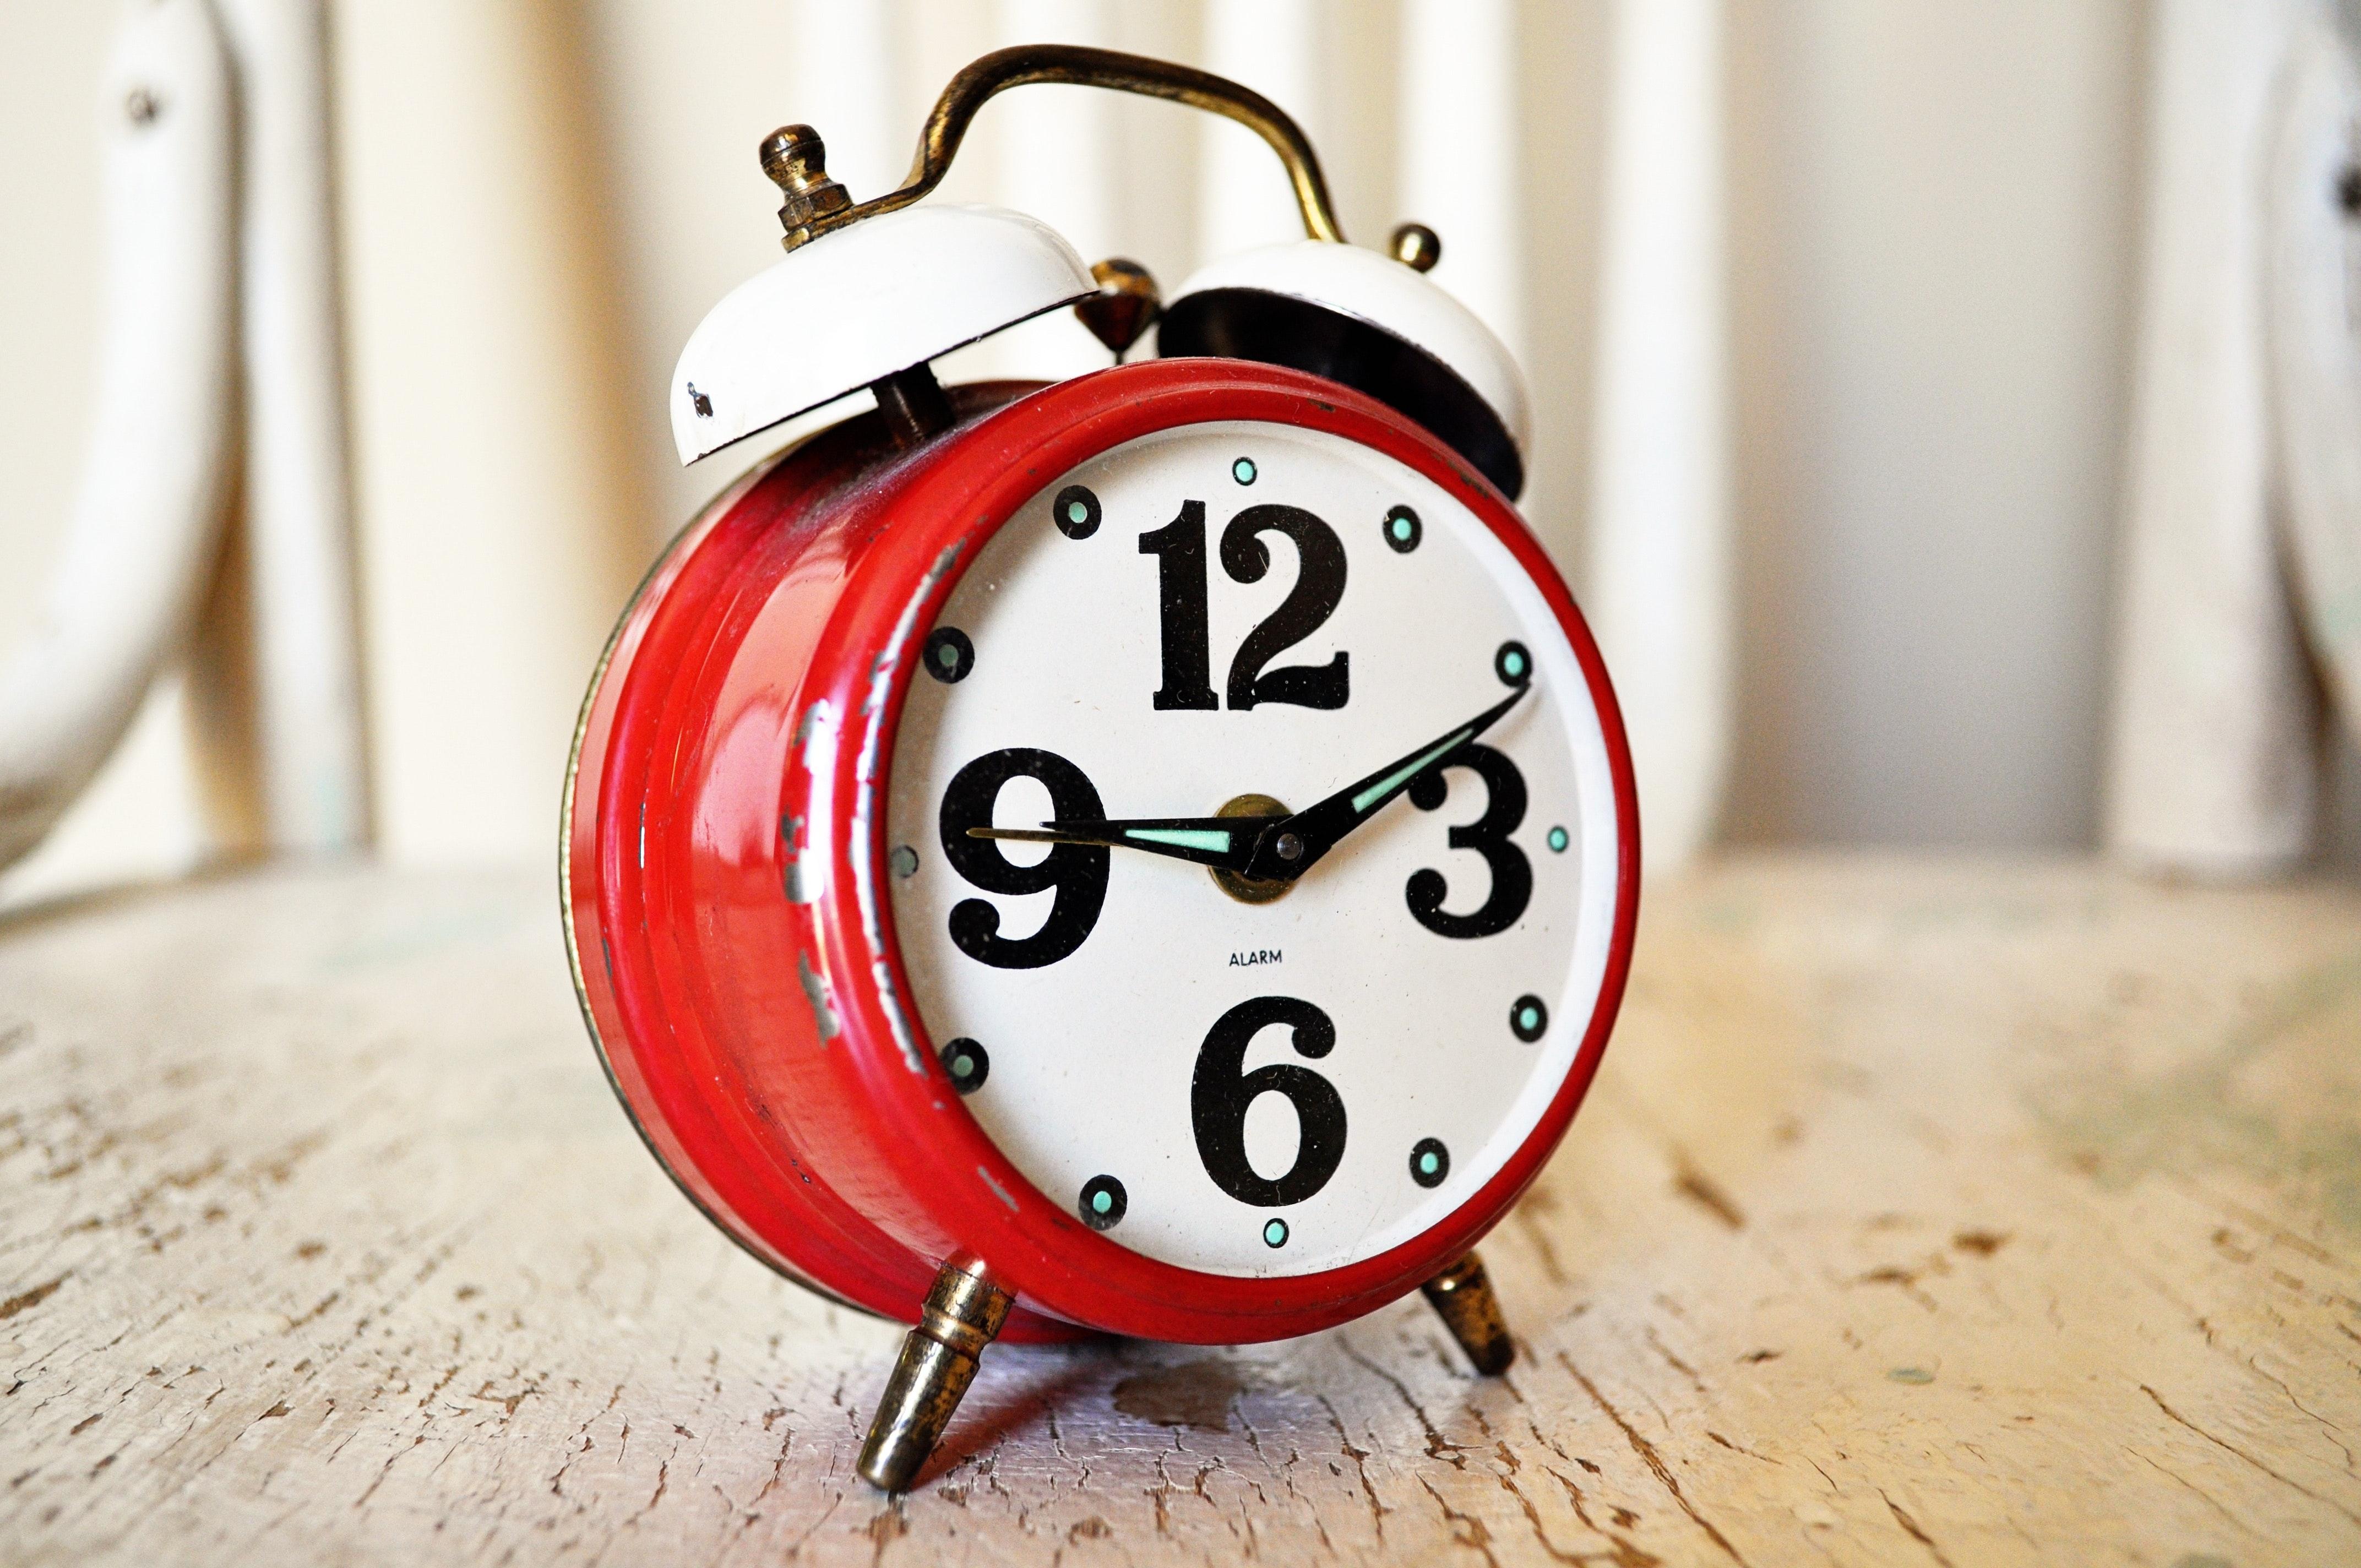 Alarme pour faire des pauses